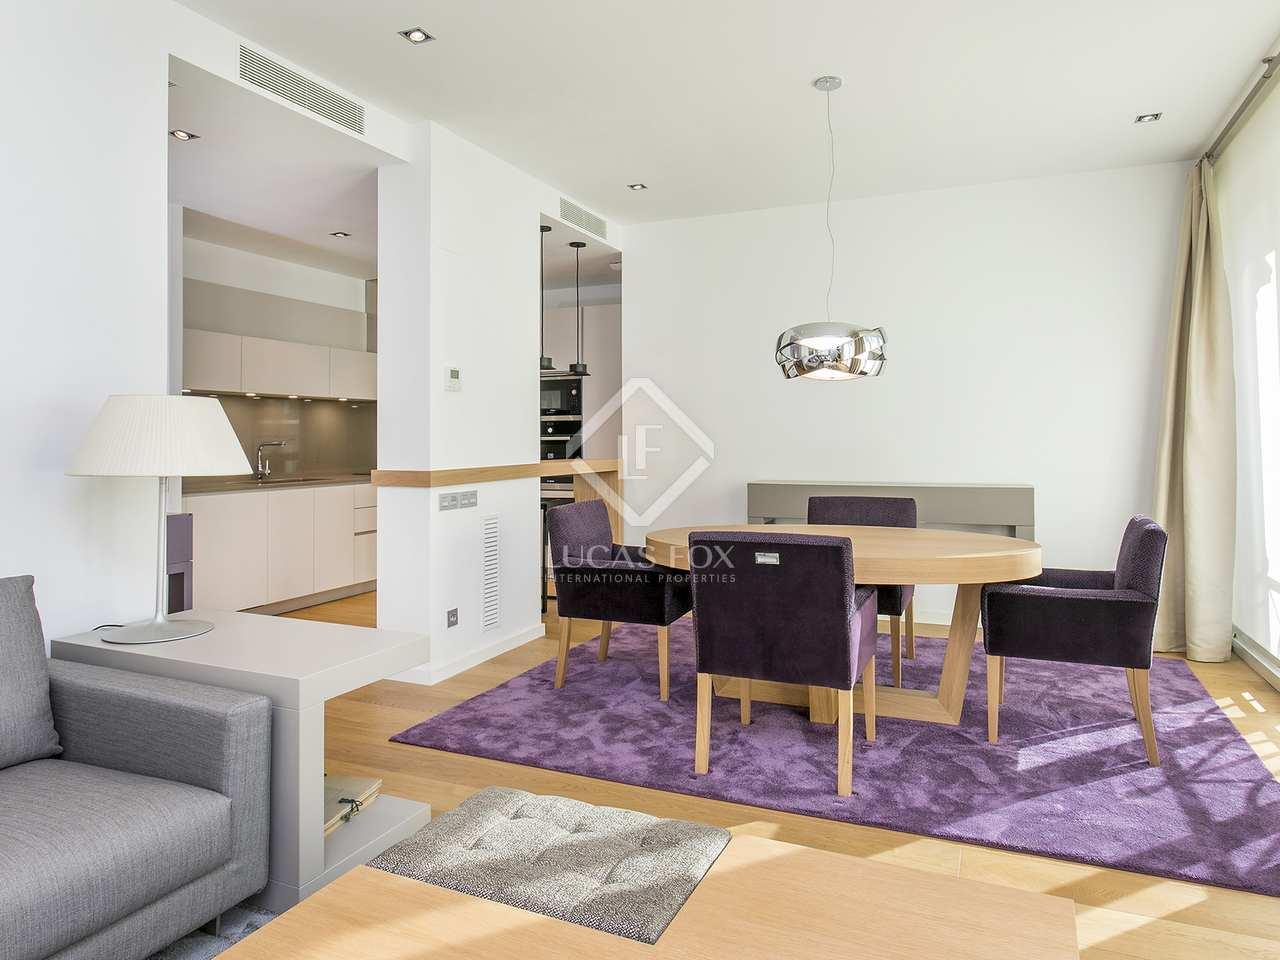 Appartement de 75m a louer el born barcelone for Appartement a louer a barcelone avec piscine